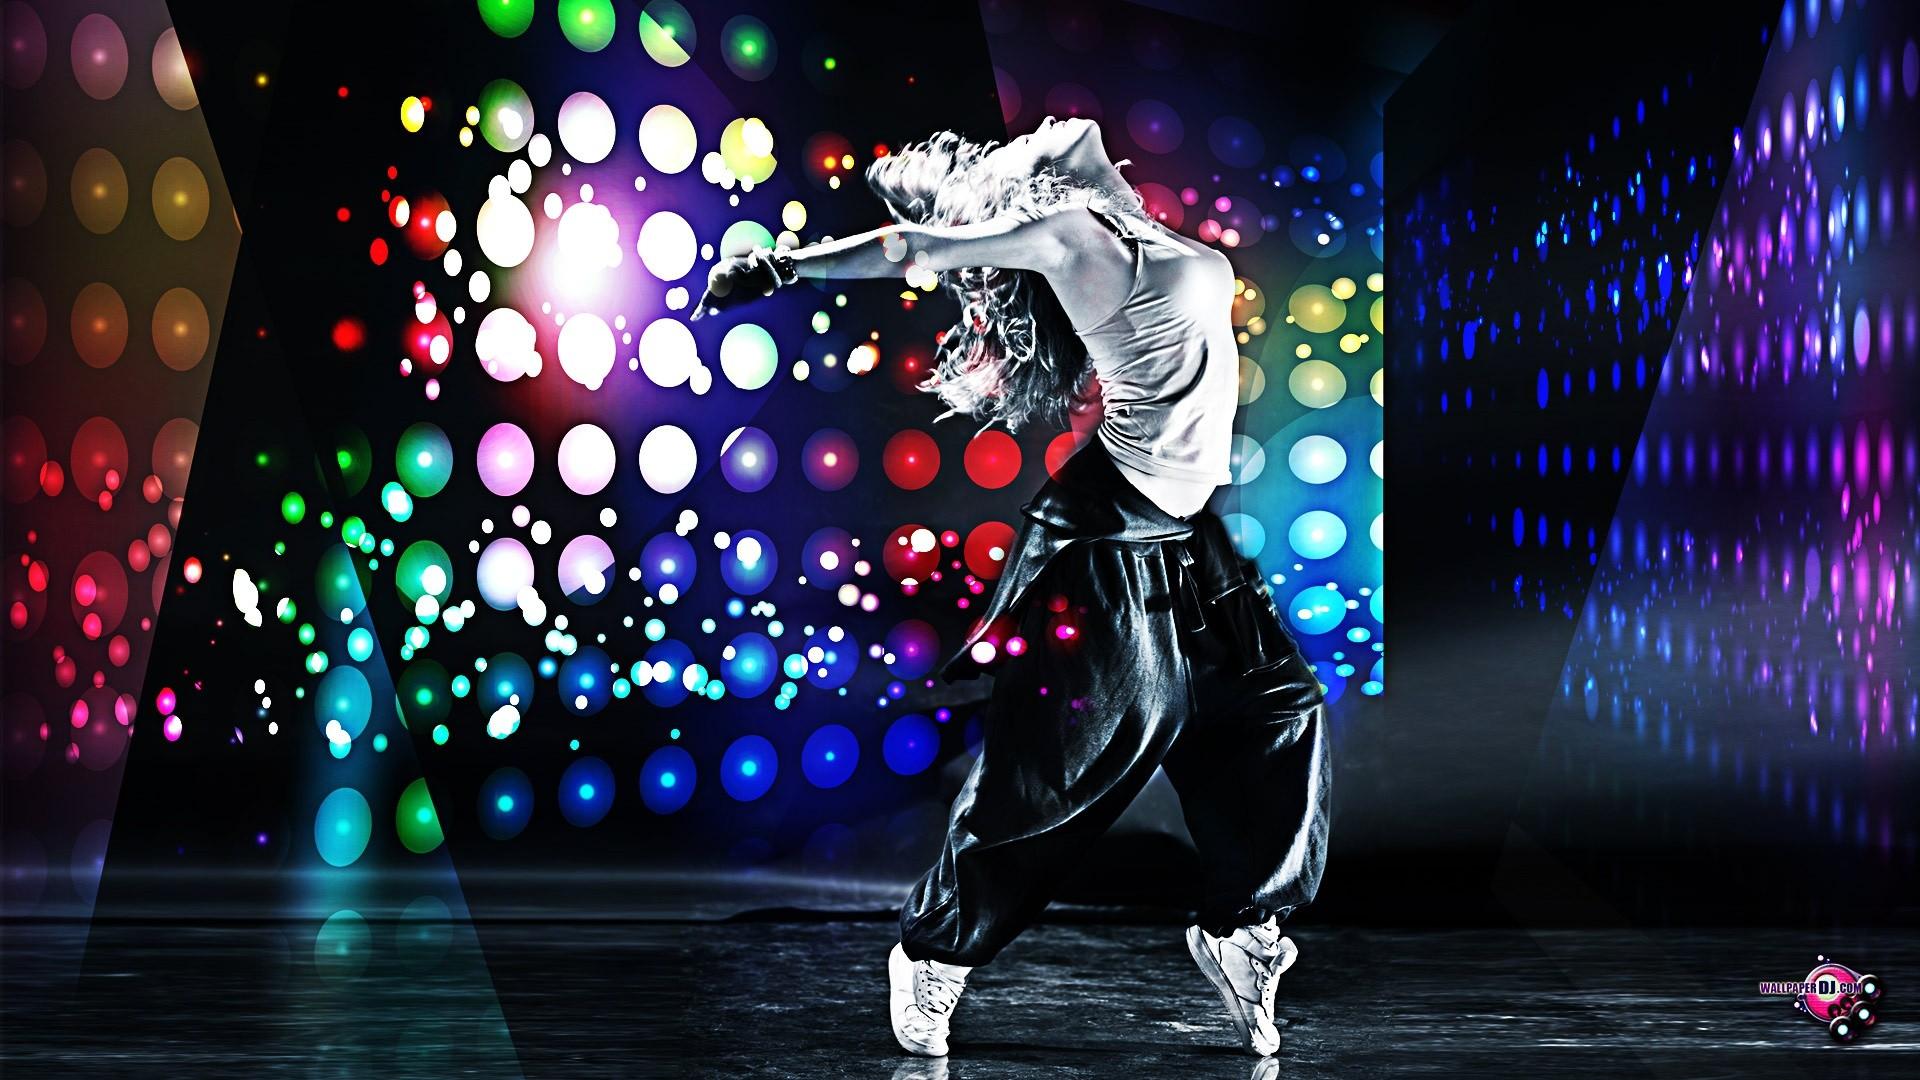 Dance Computer Wallpapers Desktop Backgrounds 1920x1080 ID260781 1920x1080